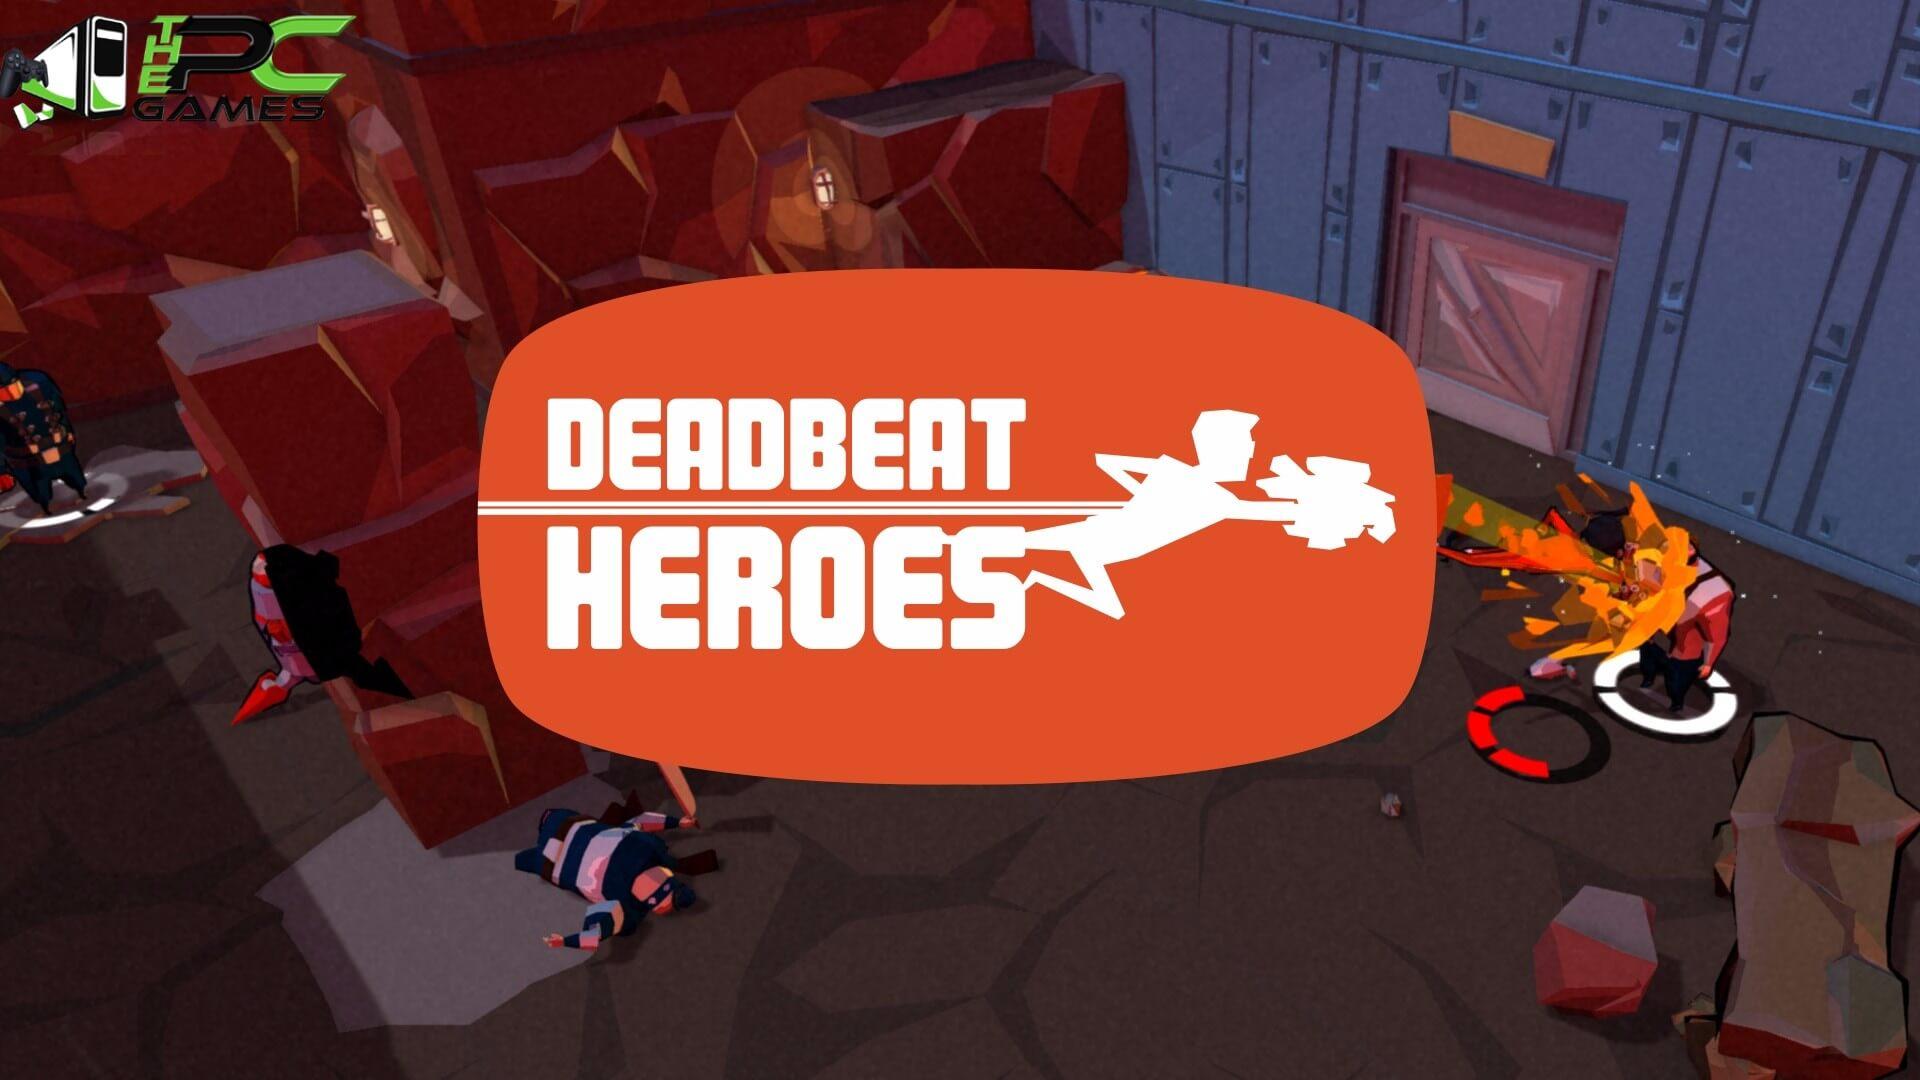 Deadbeat HeroesFree Download